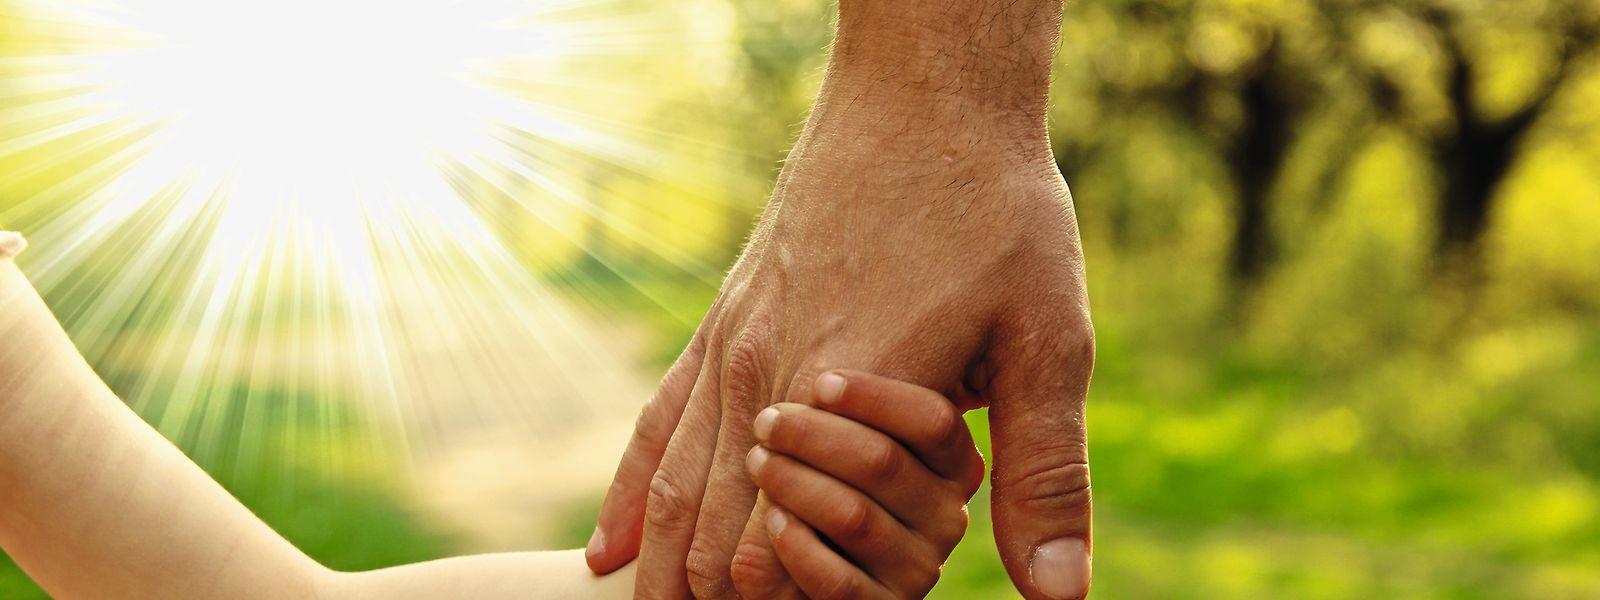 Viele Kinder finden in Pflegefamilien ein neues, sicheres Zuhause.